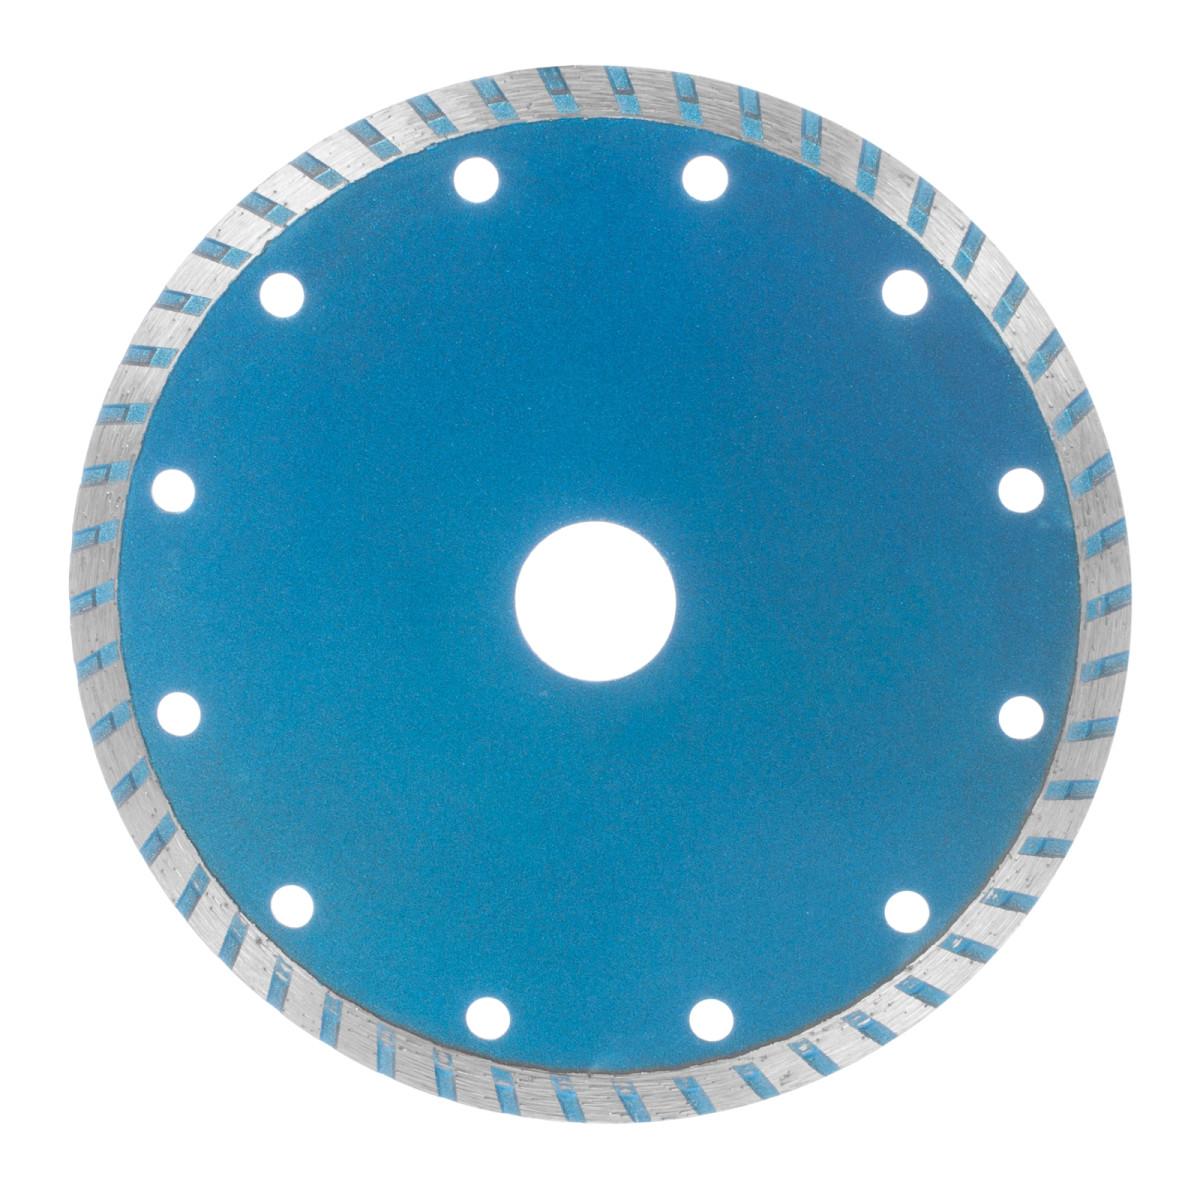 Диск Алмазный Ремоколор Турбо 150Х222 37-1-107